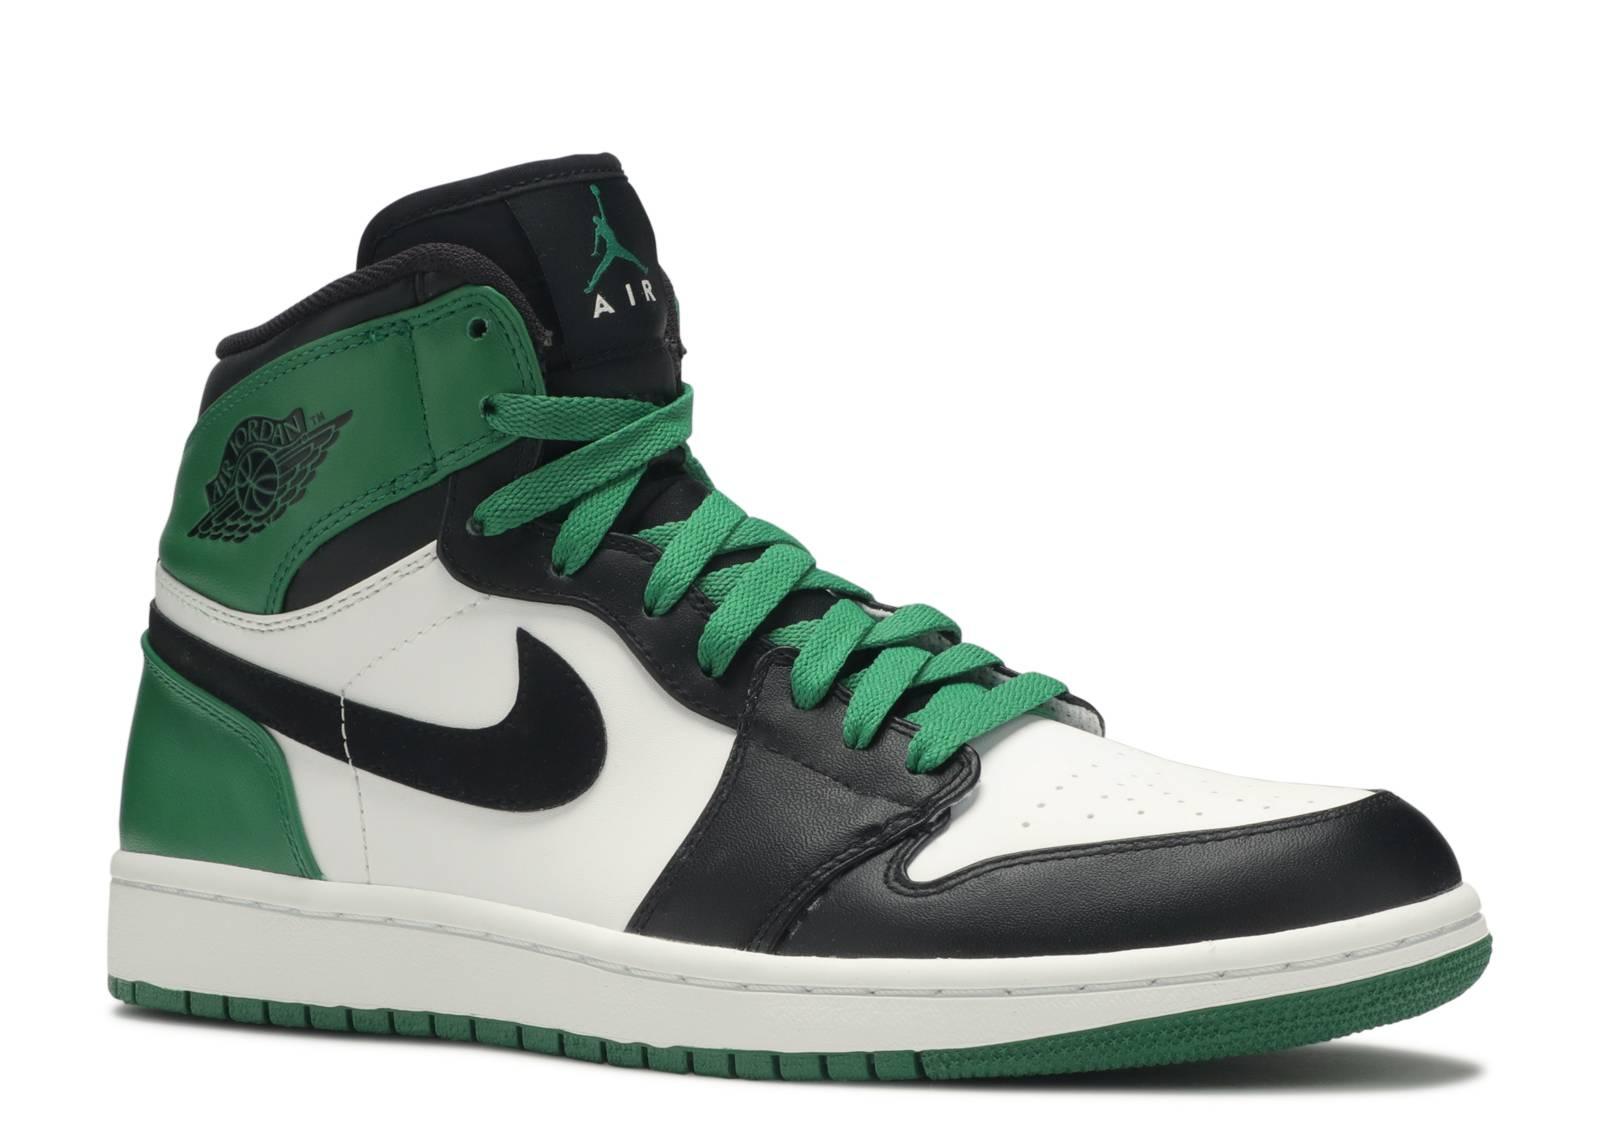 Celtics Basketball Shoes